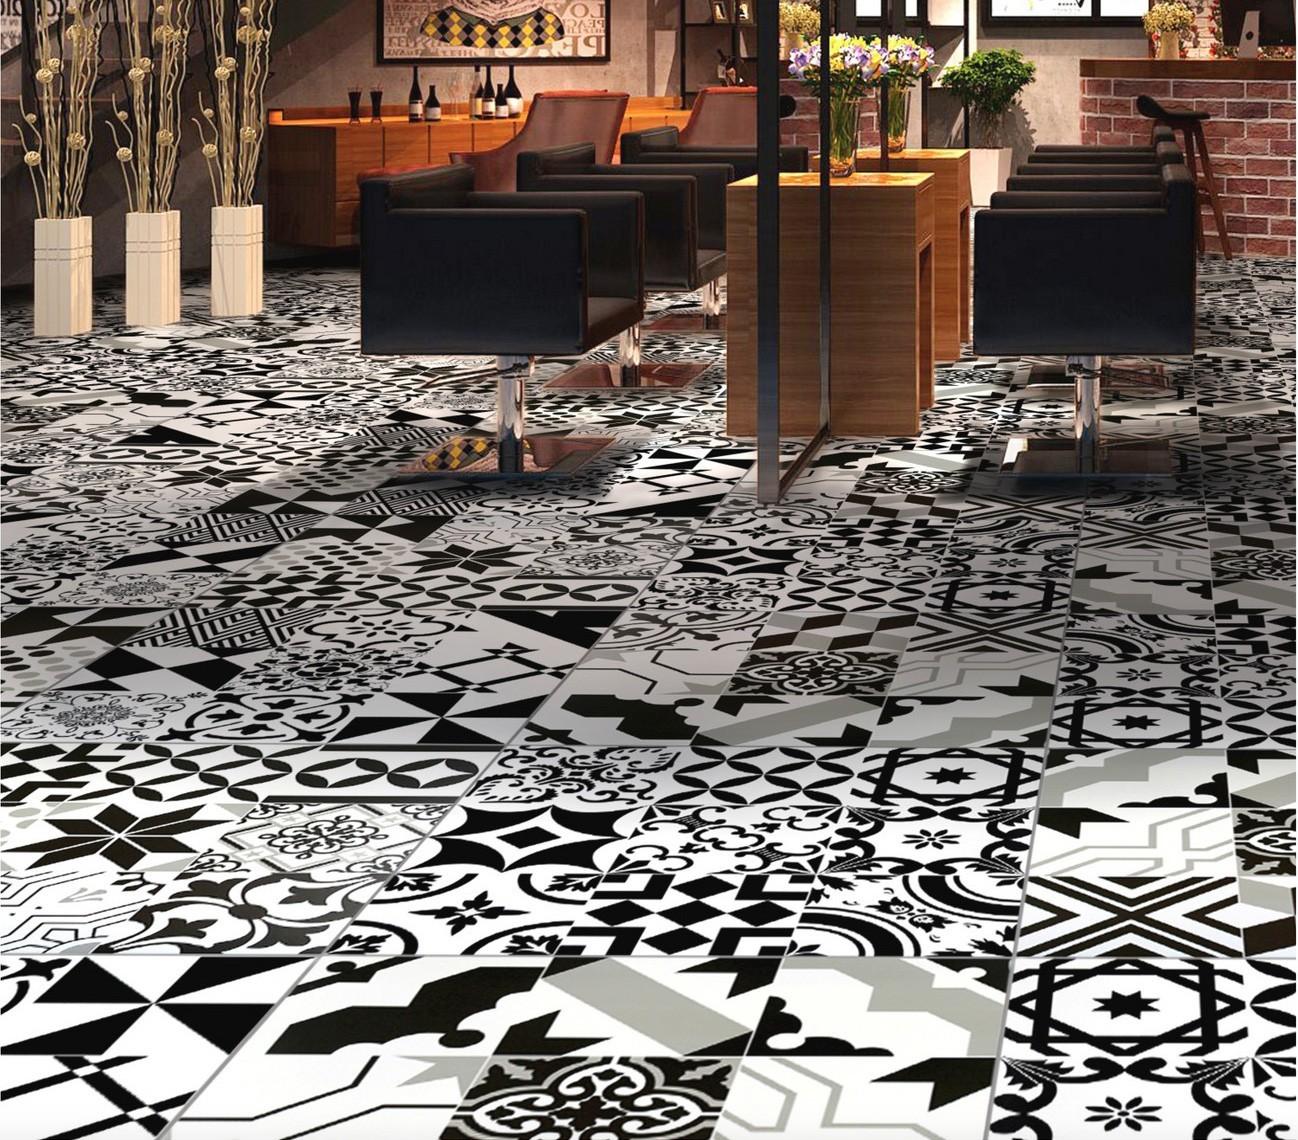 Epaisseur Carreau De Ciment patchwork carreaux ciment imitation crédence cuisine, fond de hotte zeal